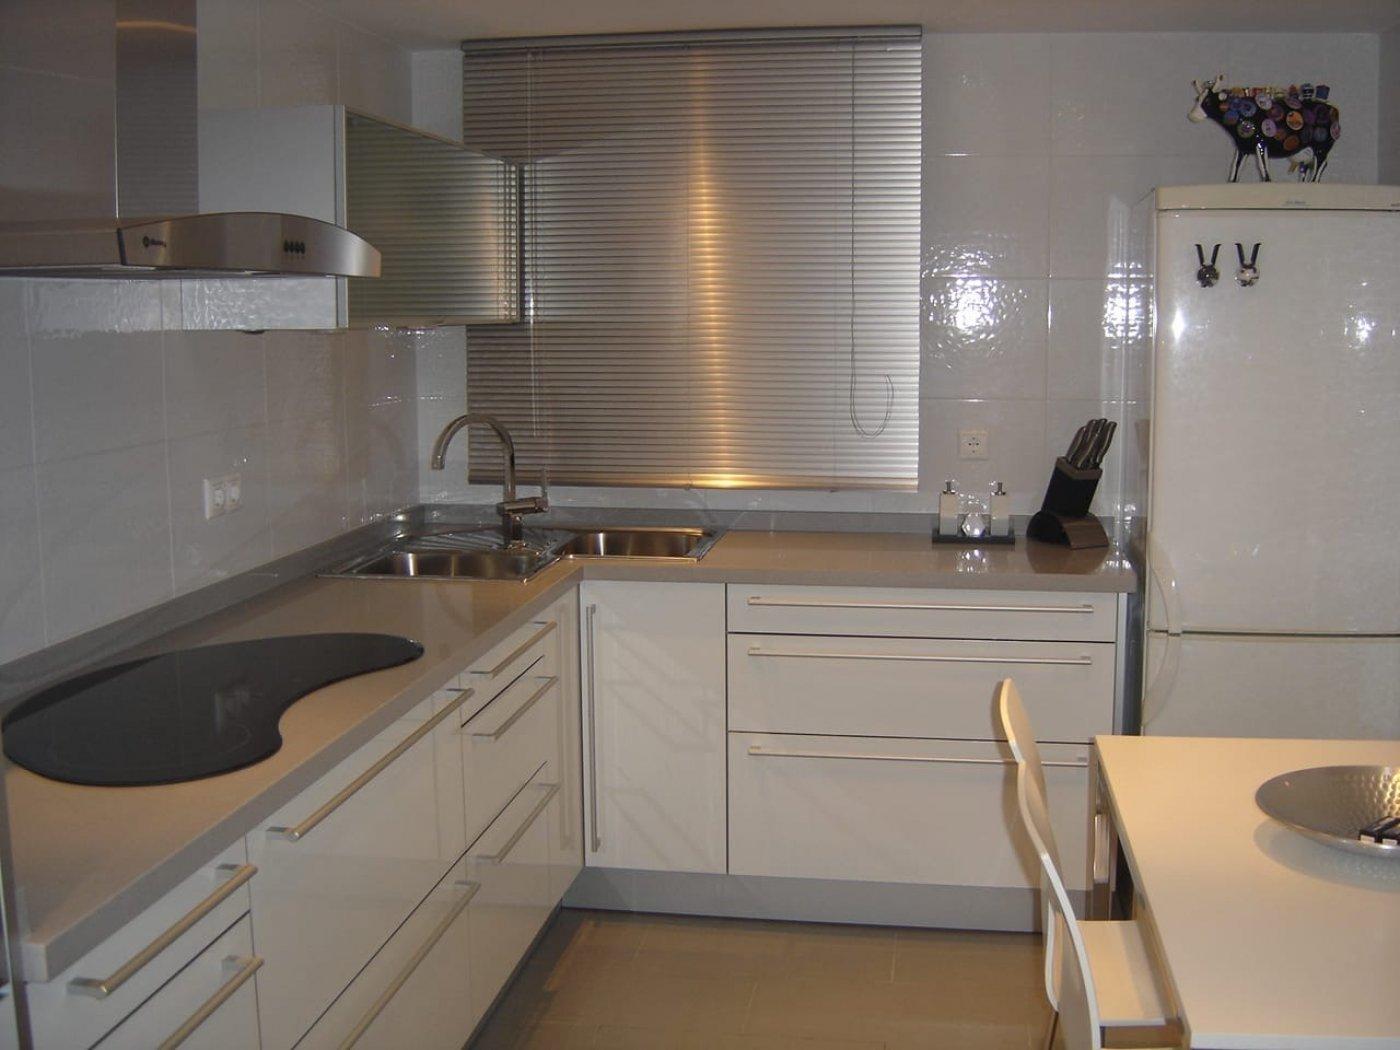 Se vende bonito apartamento semi nuevo con parking en andratx - imagenInmueble28